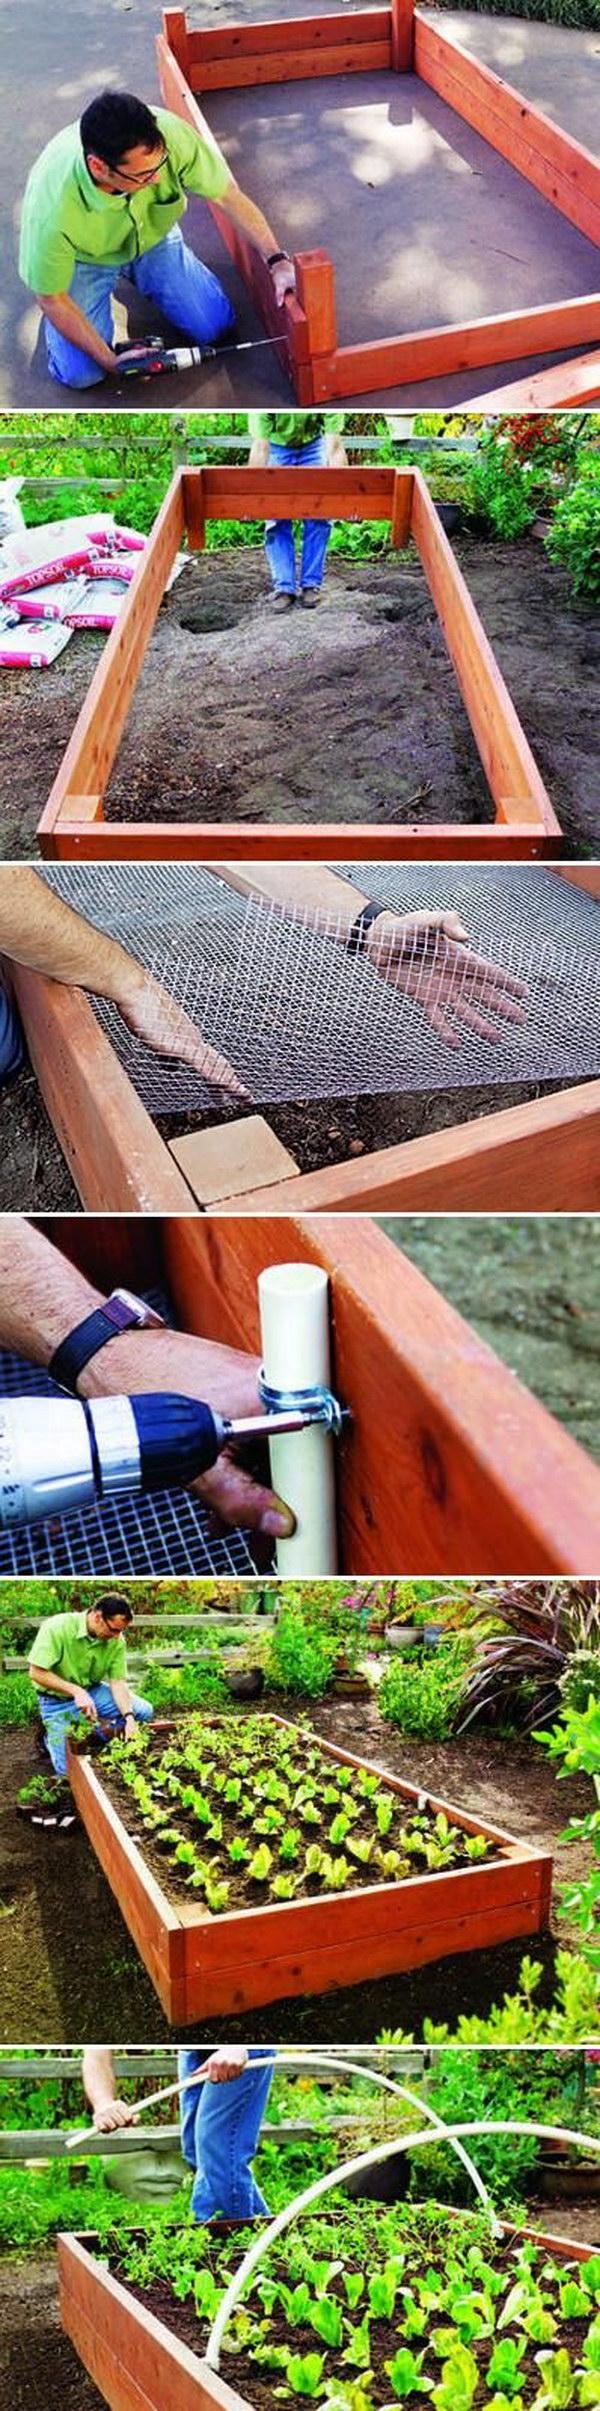 How To Build A Simple Cedar Raise Garden Bed.